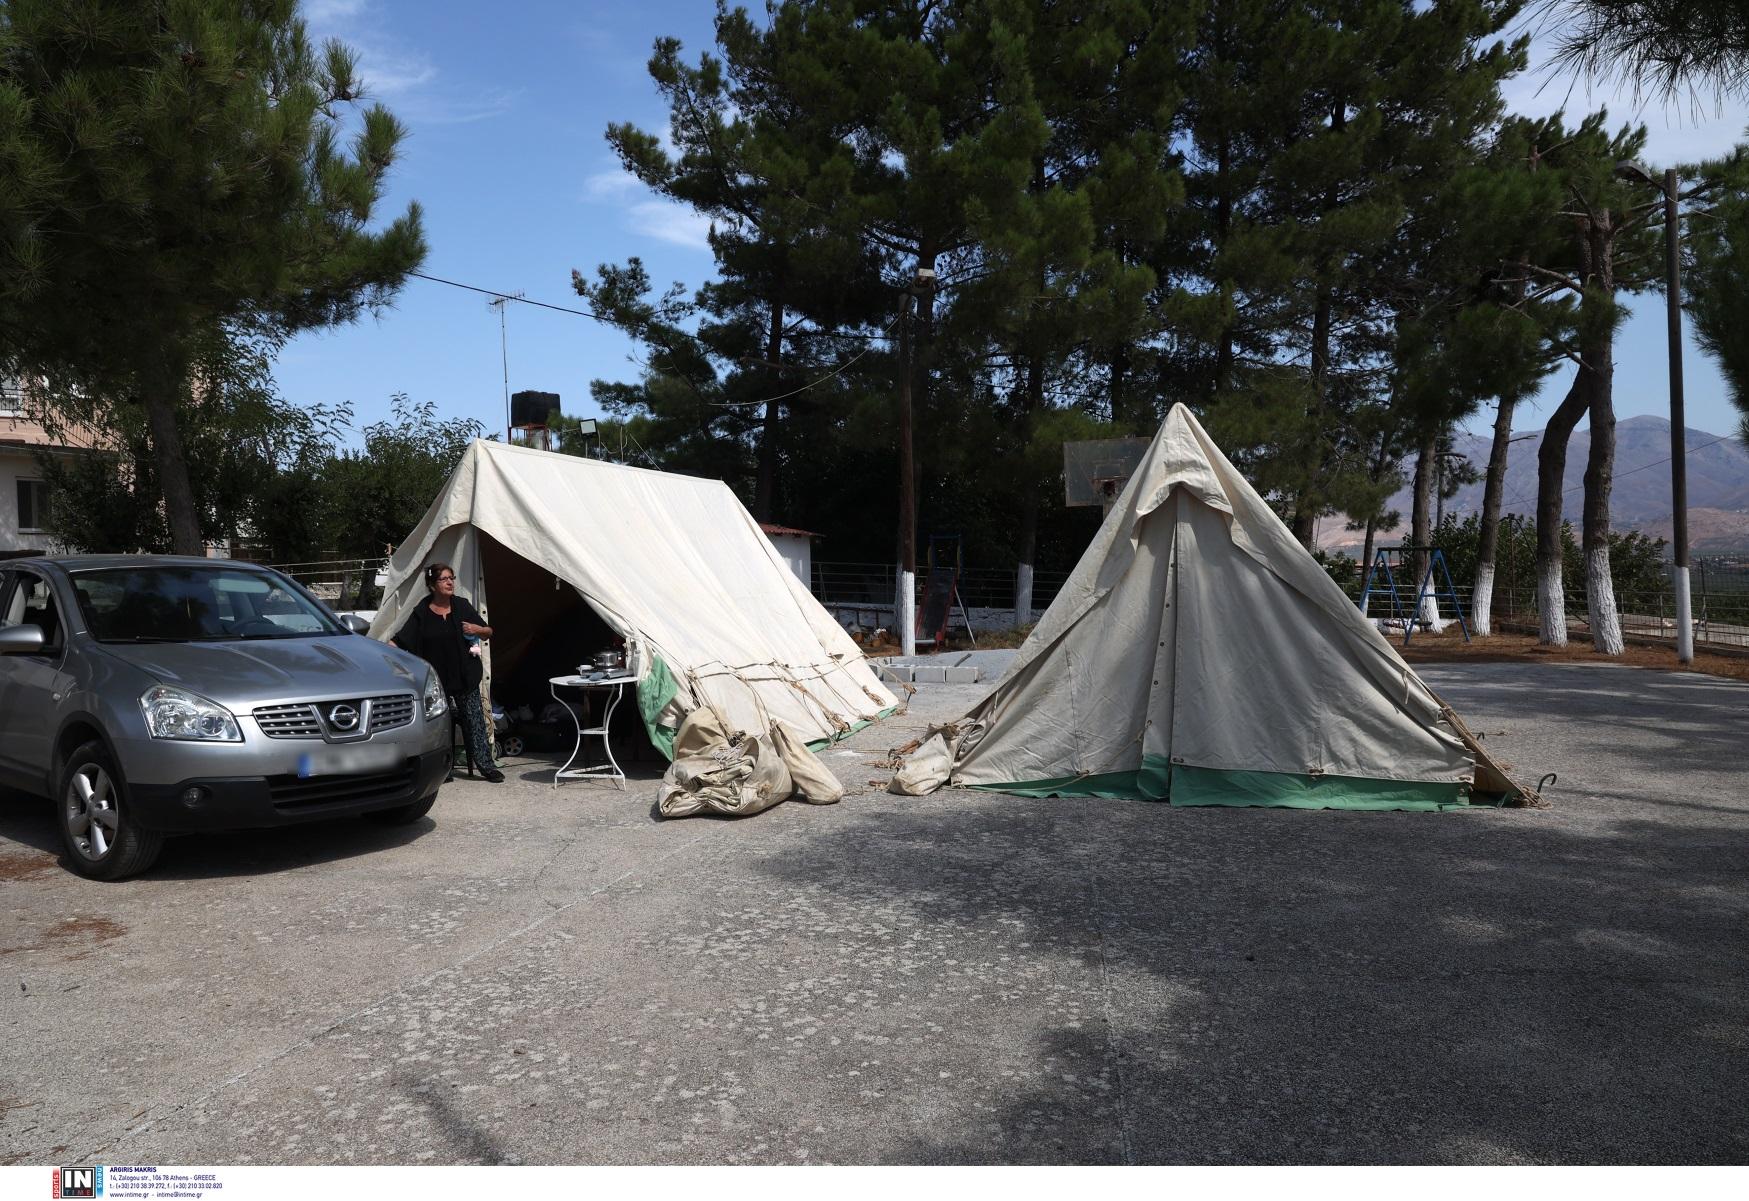 Σεισμός στην Κρήτη: Ζωή στις σκηνές για εκατοντάδες κατοίκους – Μετράνε πληγές και μετασεισμούς